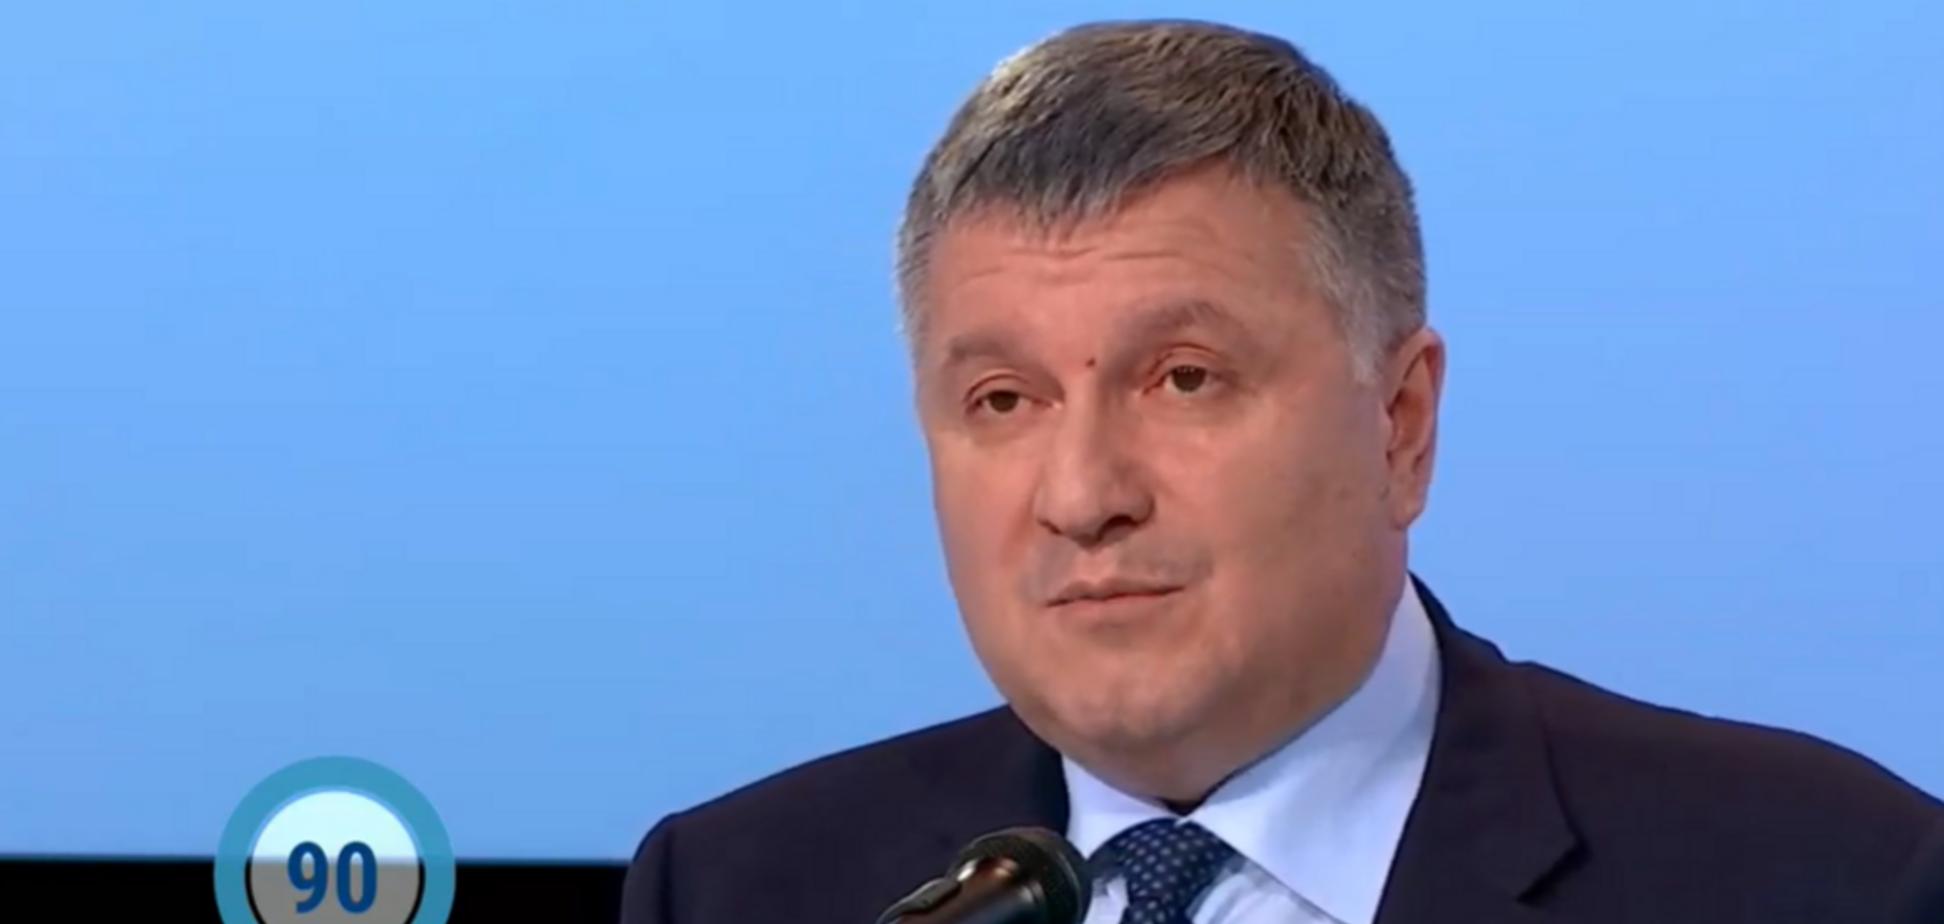 'Профессионалы за кадром': Аваков заявил о 'сливах' в расследовании убийства Шеремета